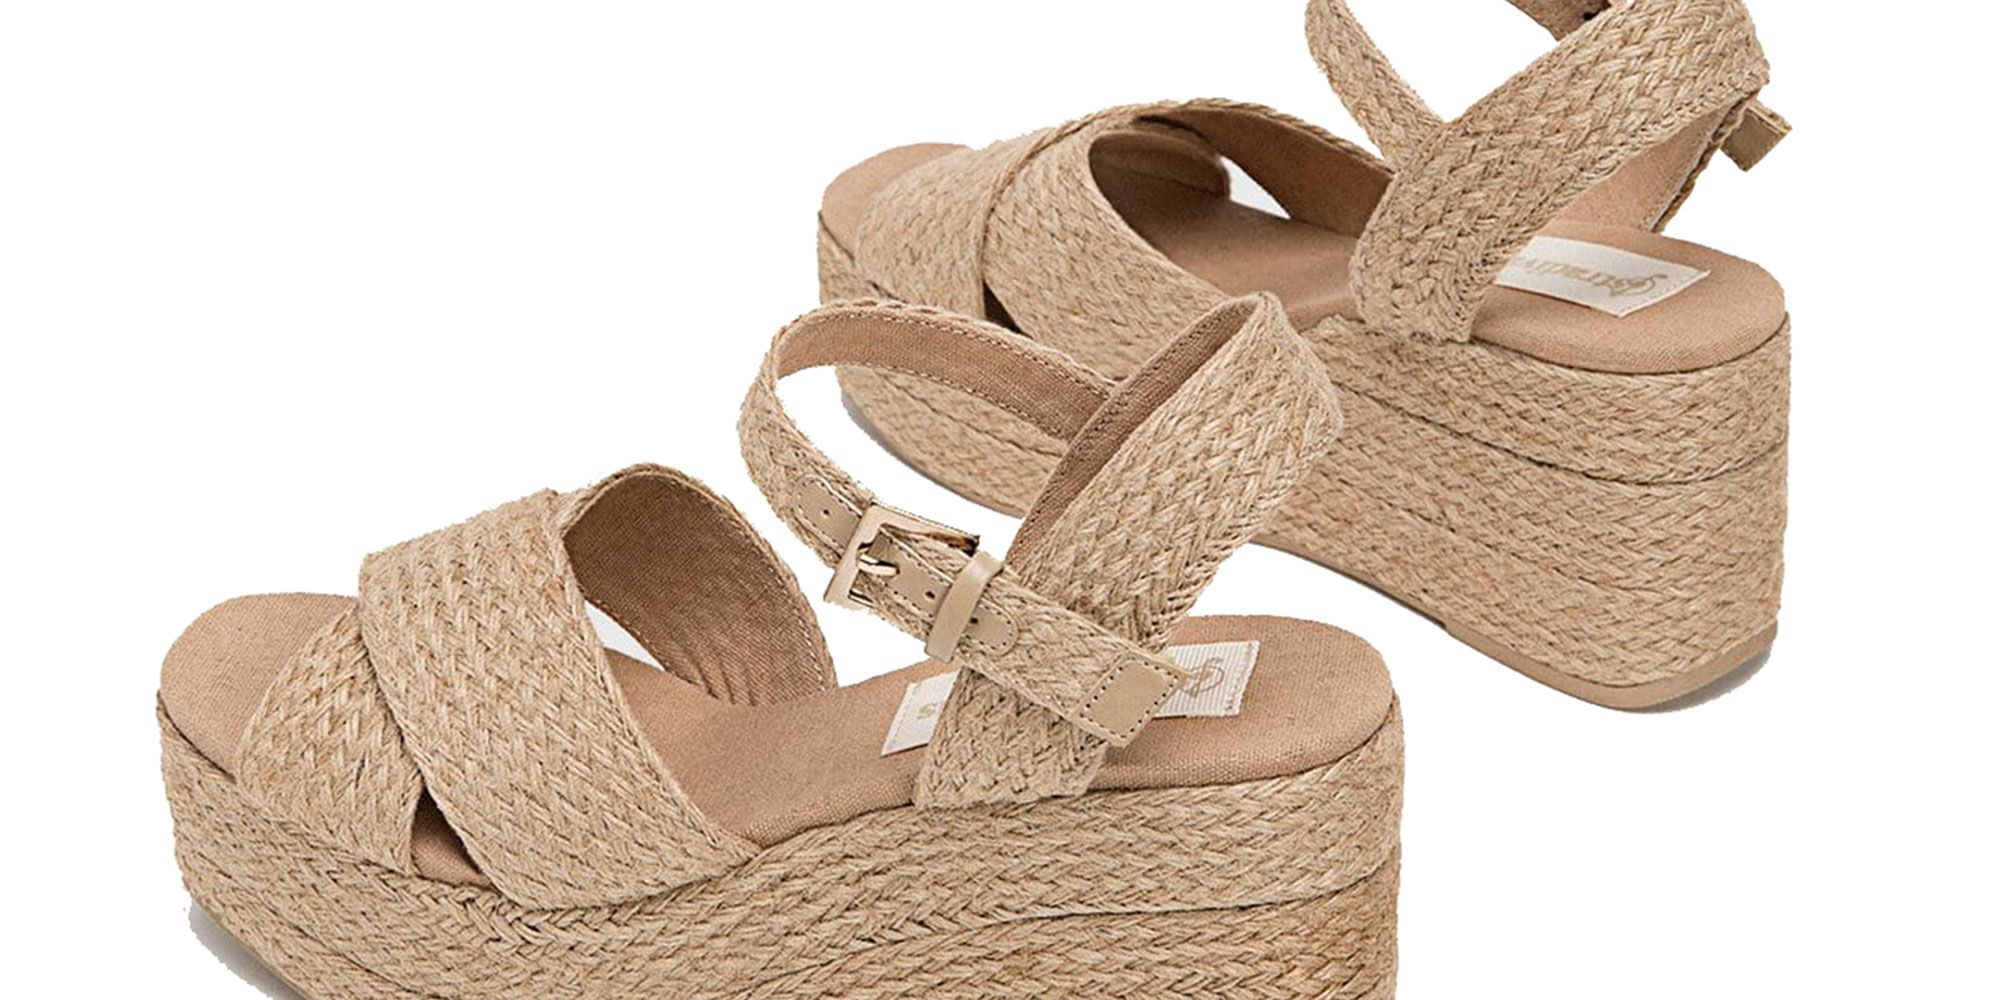 924377045ab Las sandalias con cuña de Stradivarius que van con tus vestidos de primavera